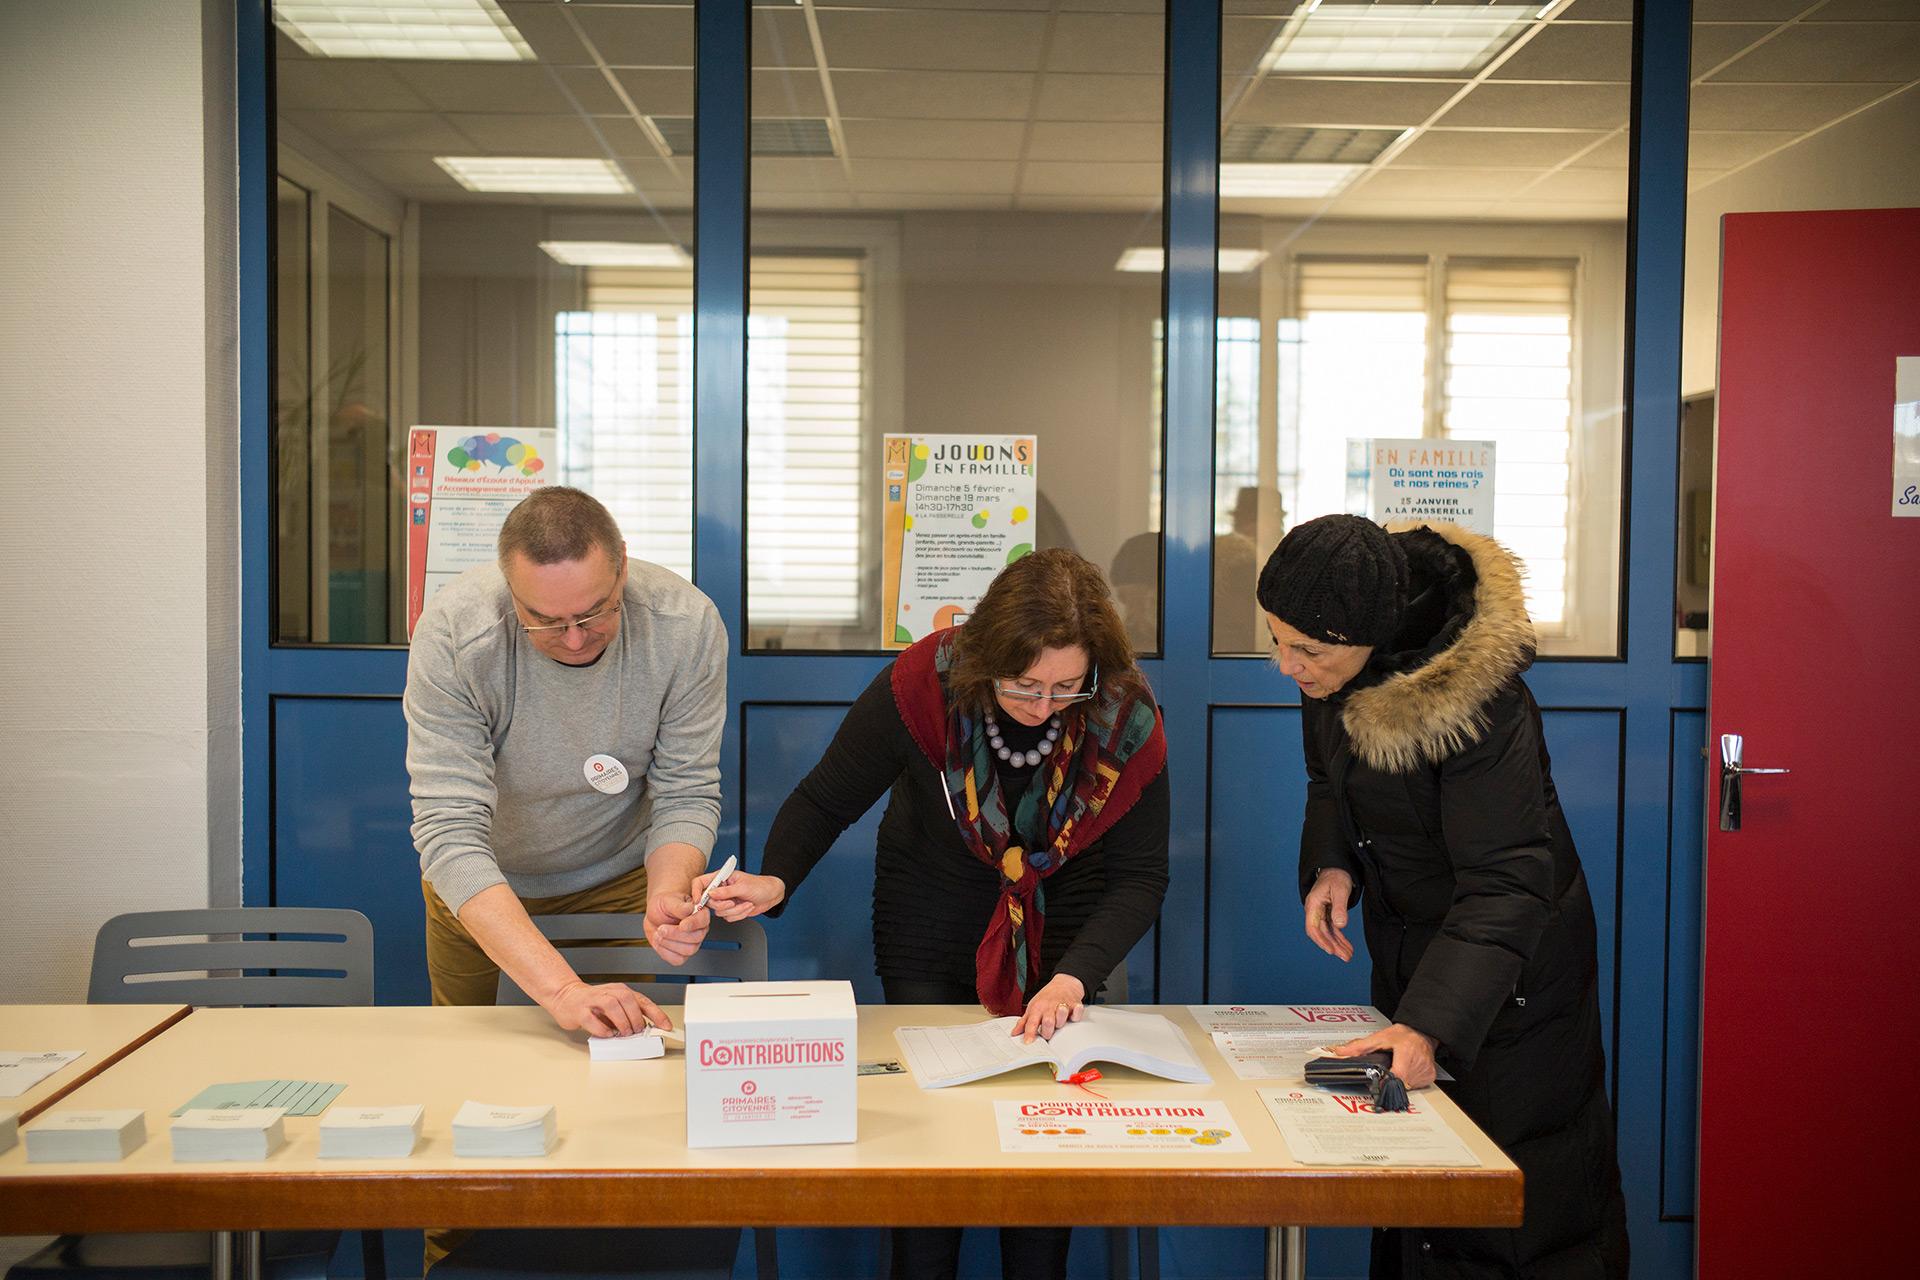 Bureau de vote de Florange, Primaire de la Gauche. Moselle, 22 janvier 2017.